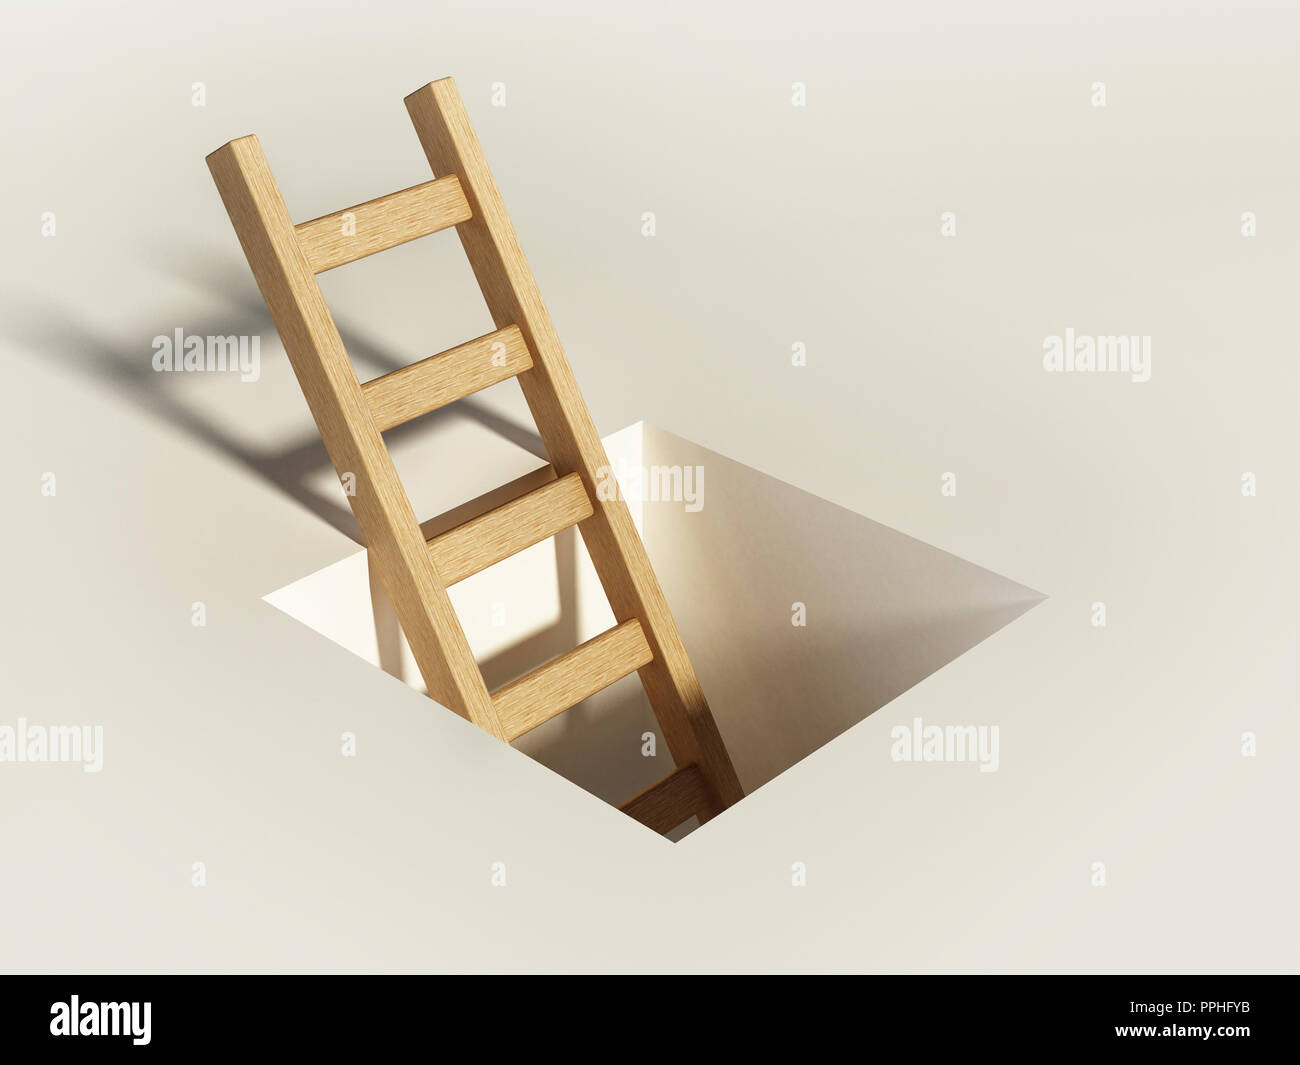 Escalera de madera se eleva por encima del orificio cuadrado en el suelo. Imagen De Stock